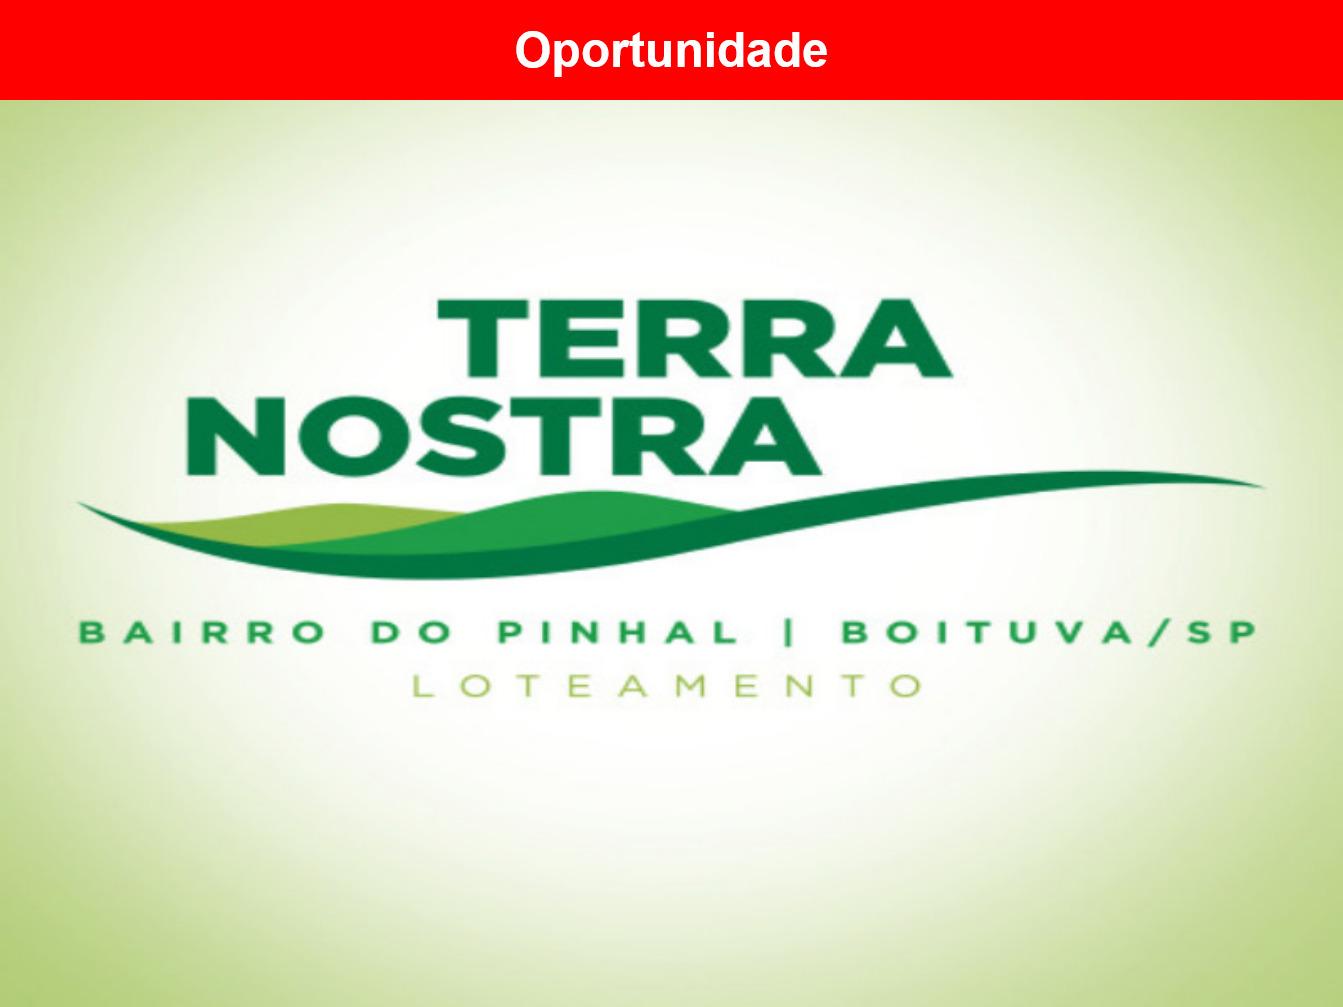 Terreno a venda no Loteamento Terra Nostra, Boituva - SP